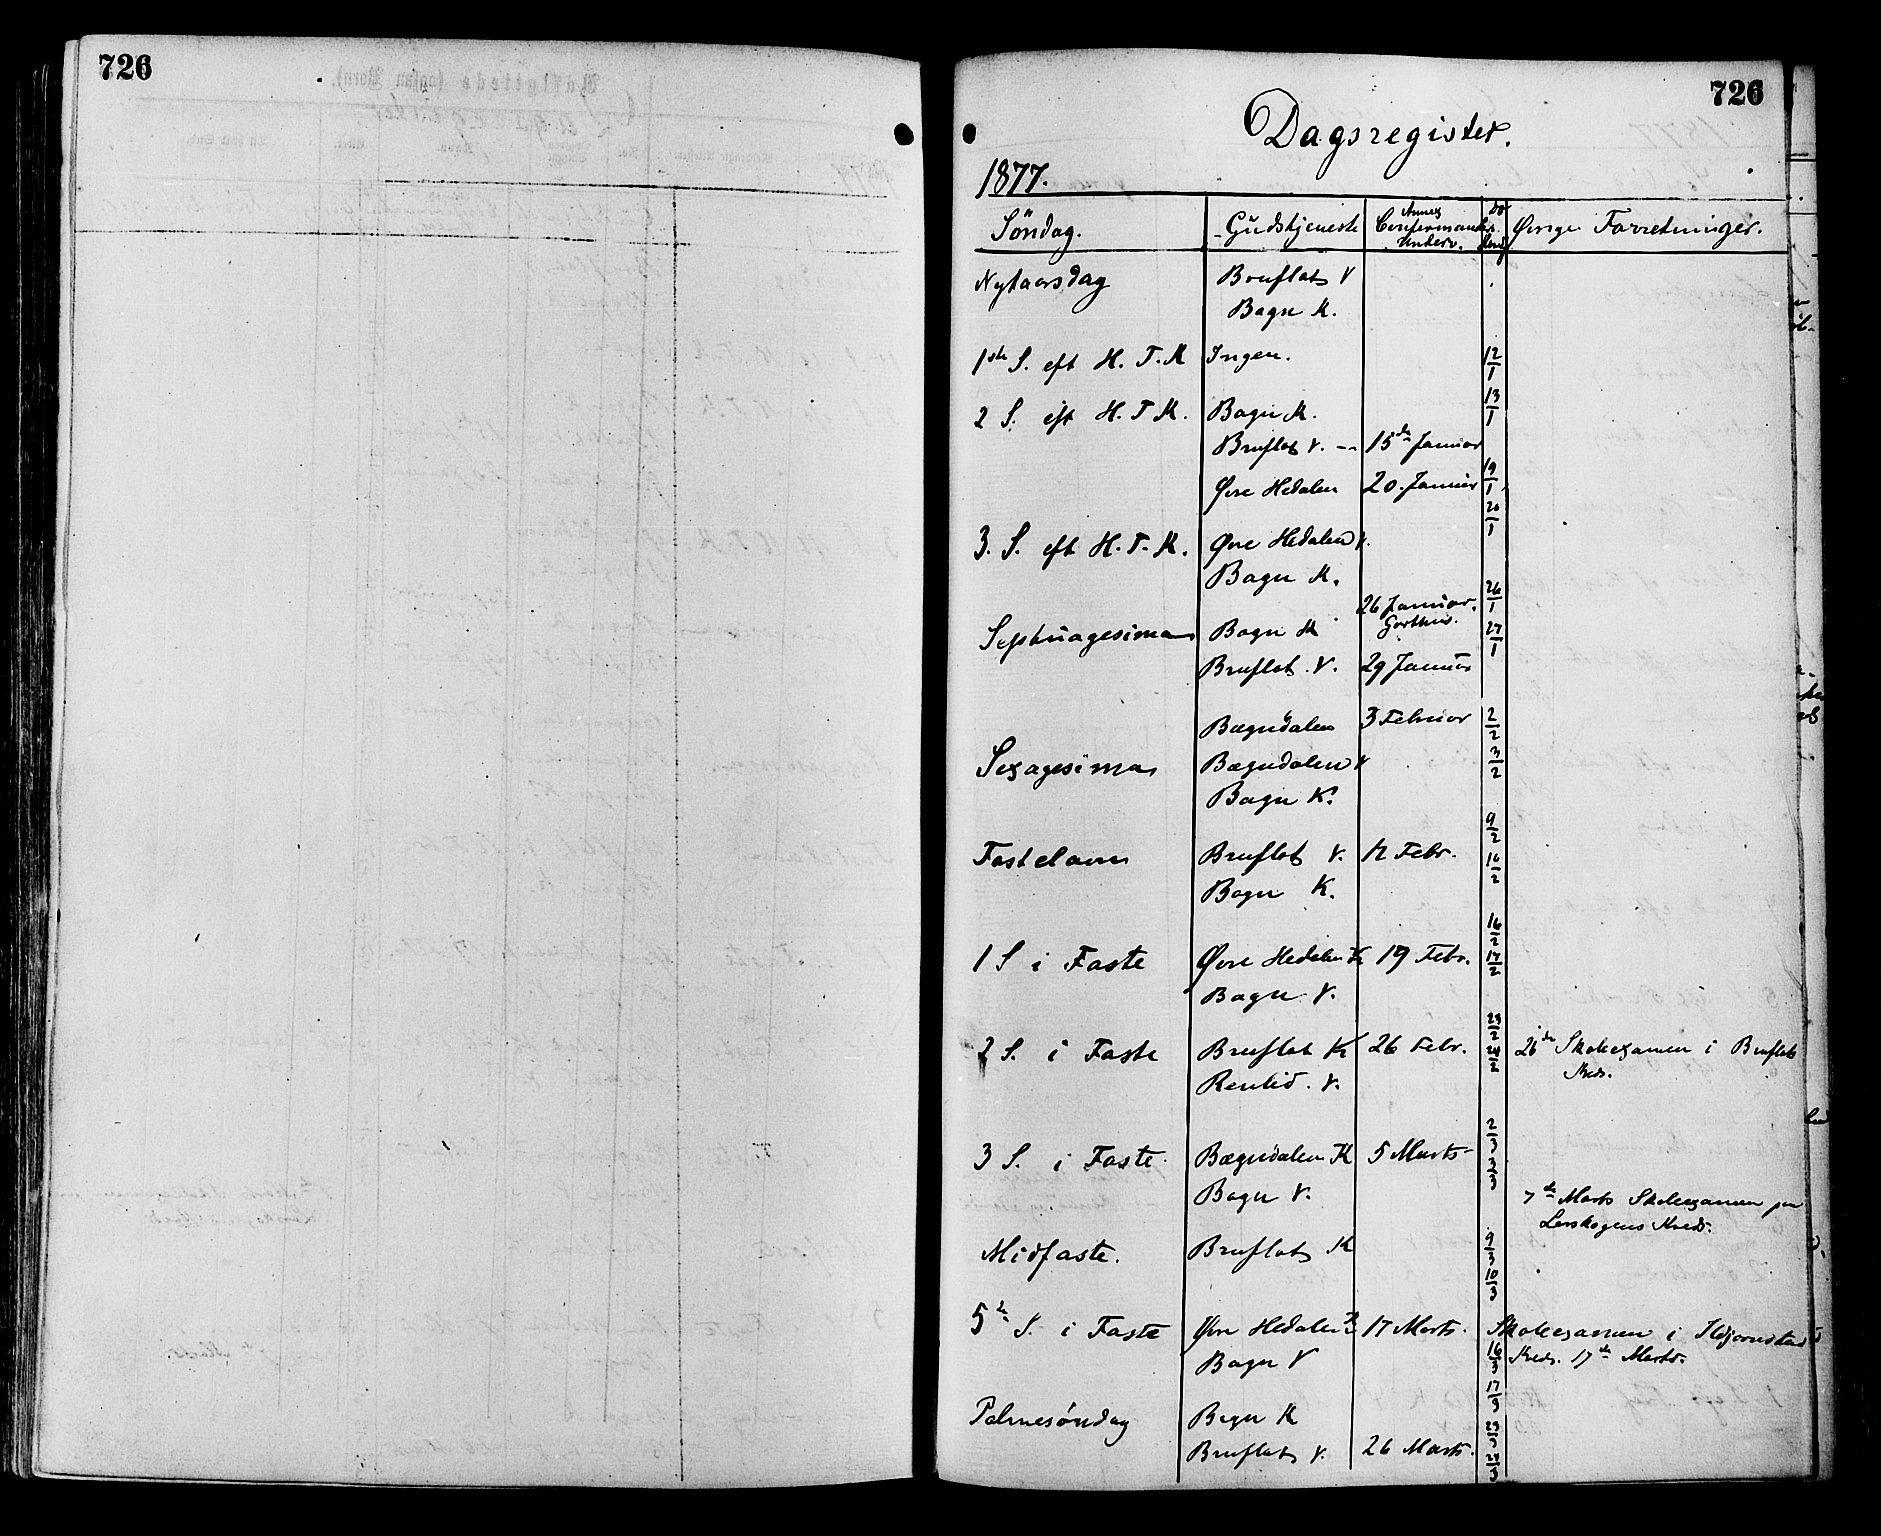 SAH, Sør-Aurdal prestekontor, Ministerialbok nr. 8, 1877-1885, s. 726